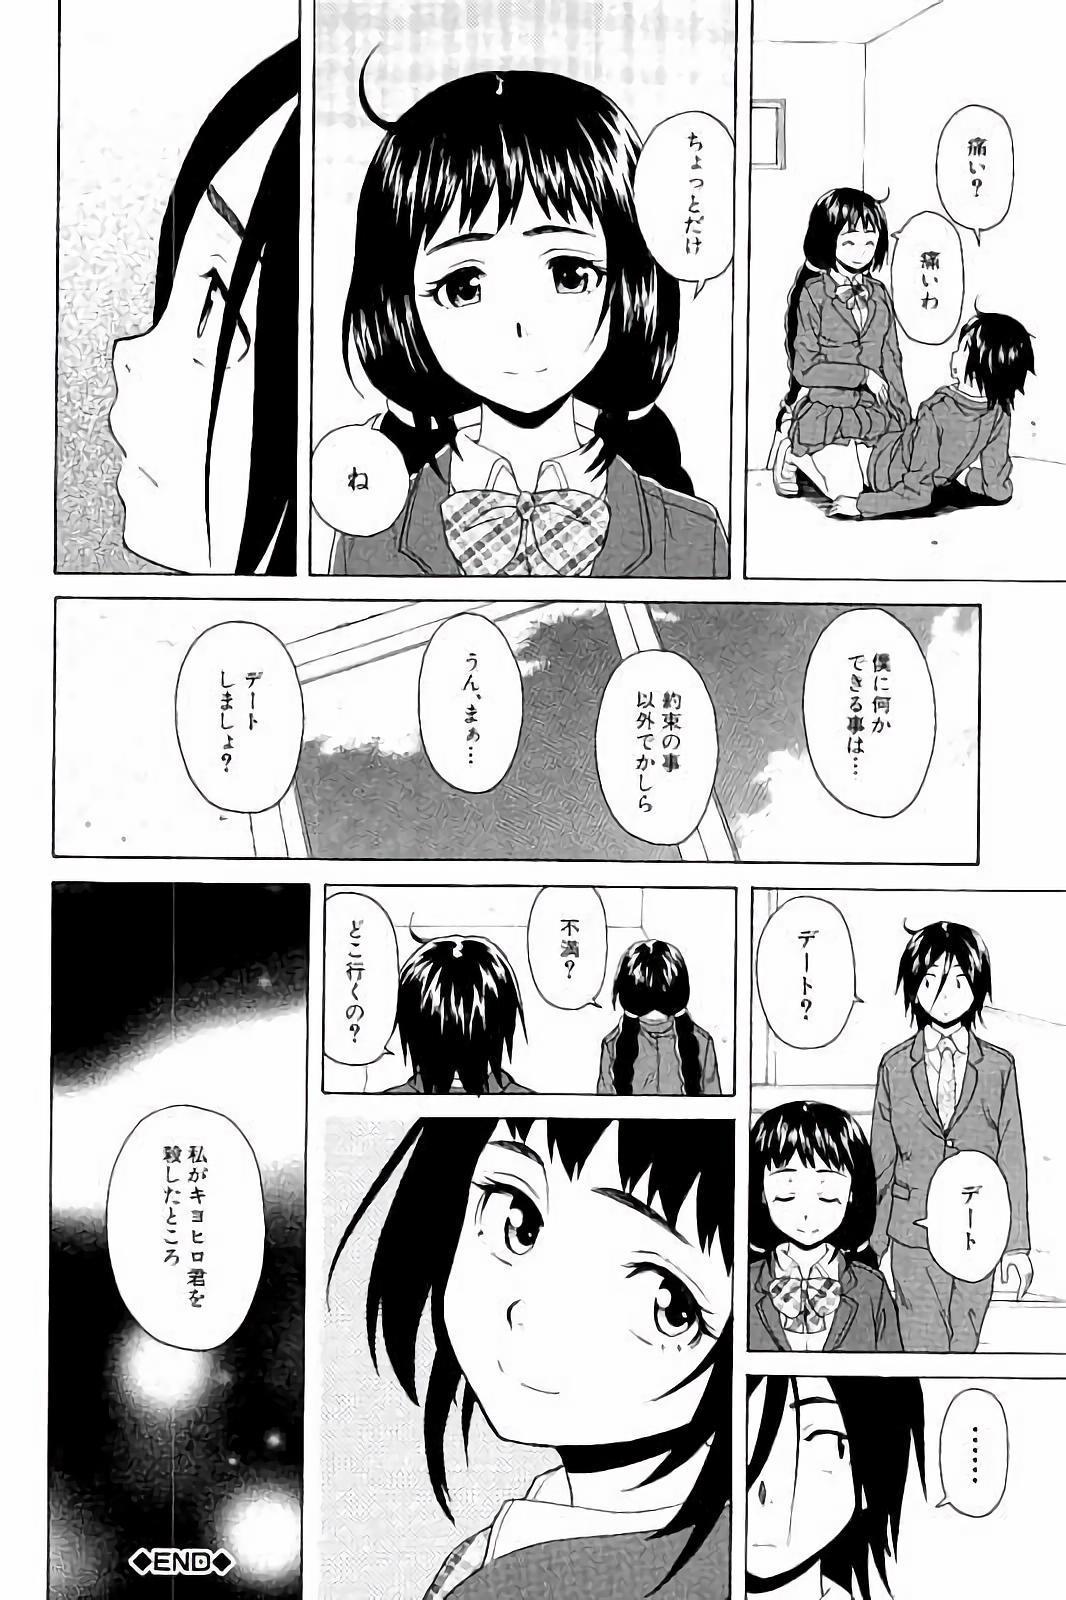 Ane no Himitsu To Boku no Jisatsu 63